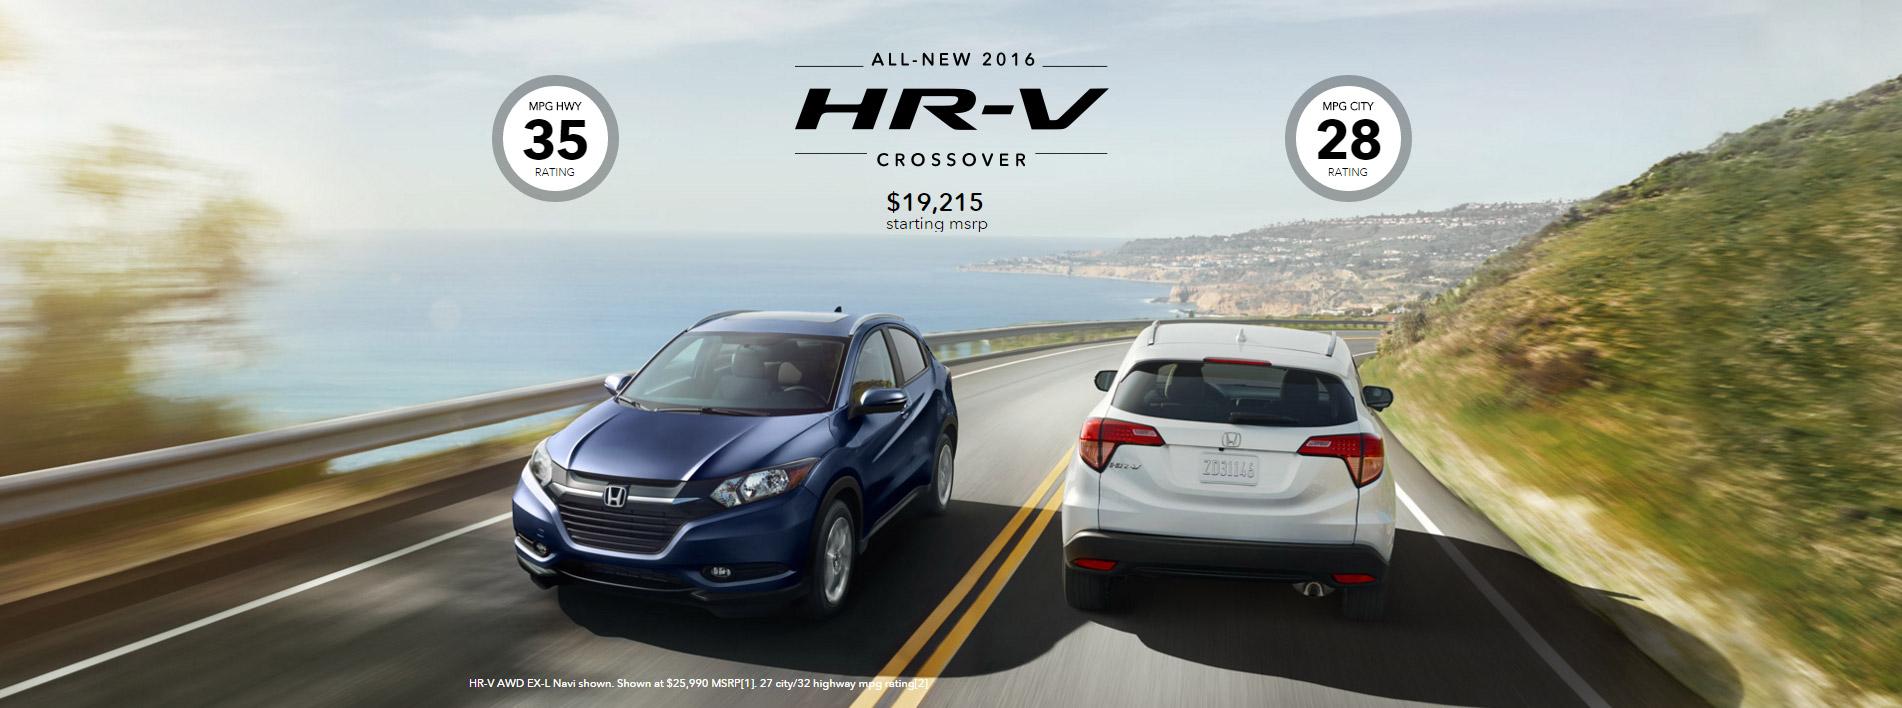 Honda_HRV